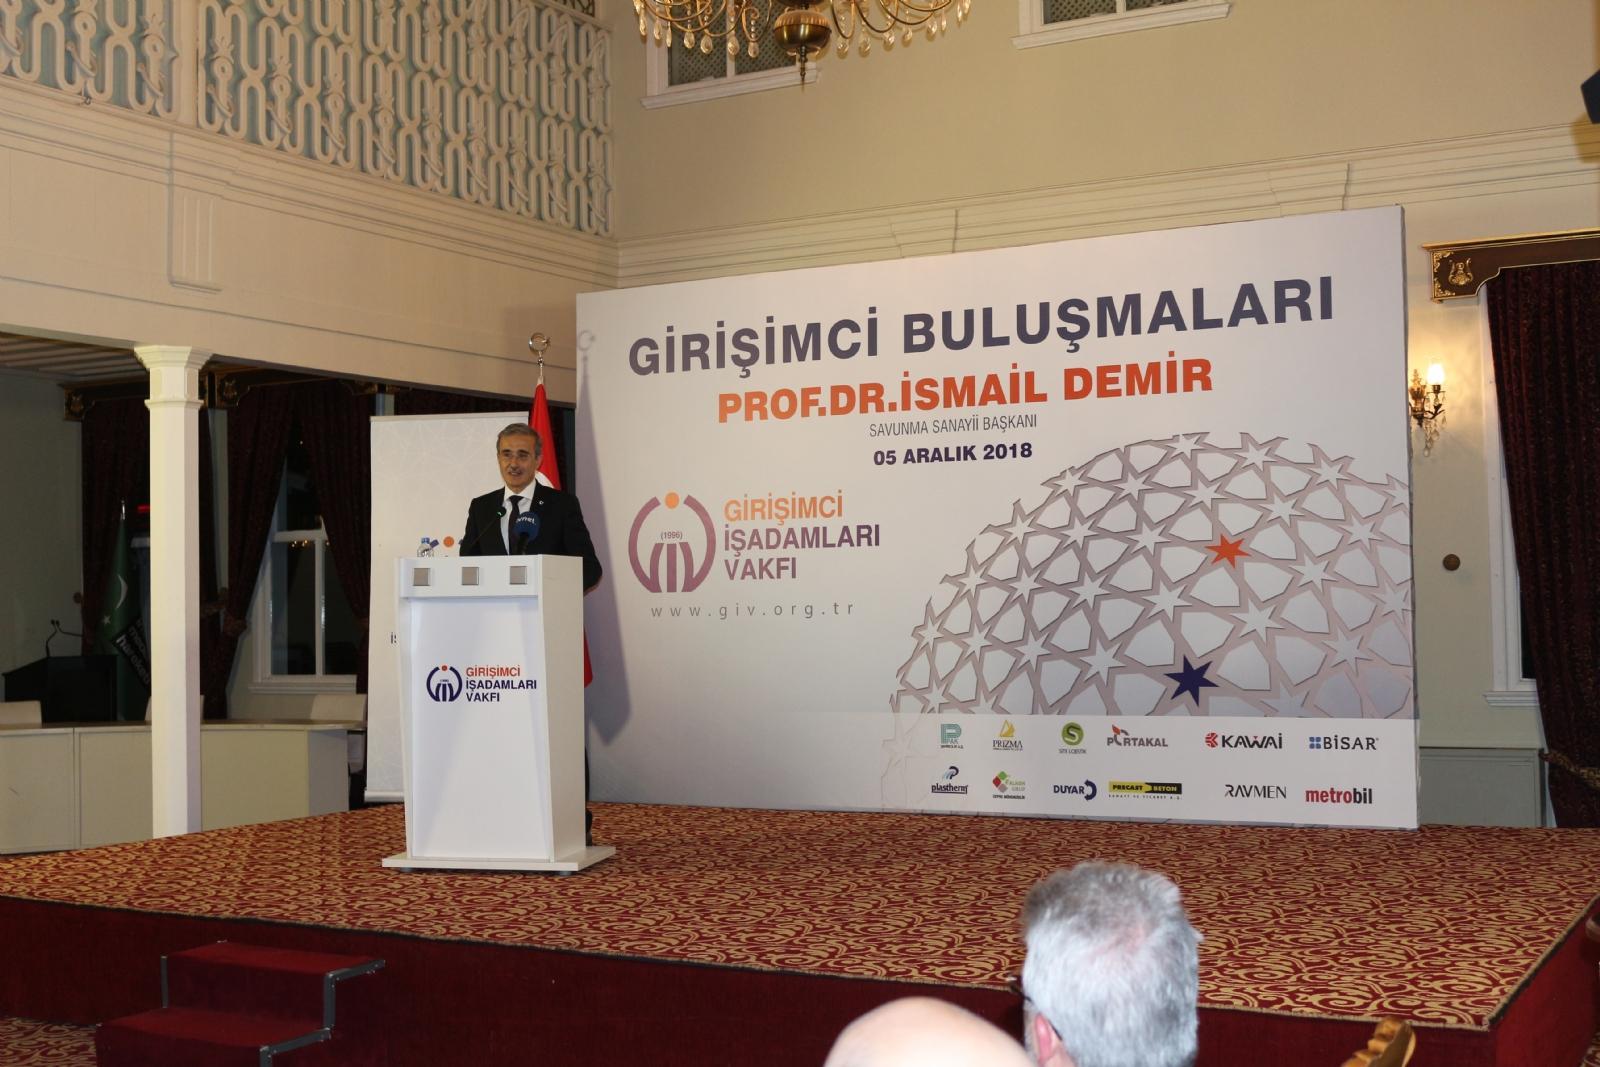 GİV Girişimci Buluşmaları Prof. Dr. İsmail Demir